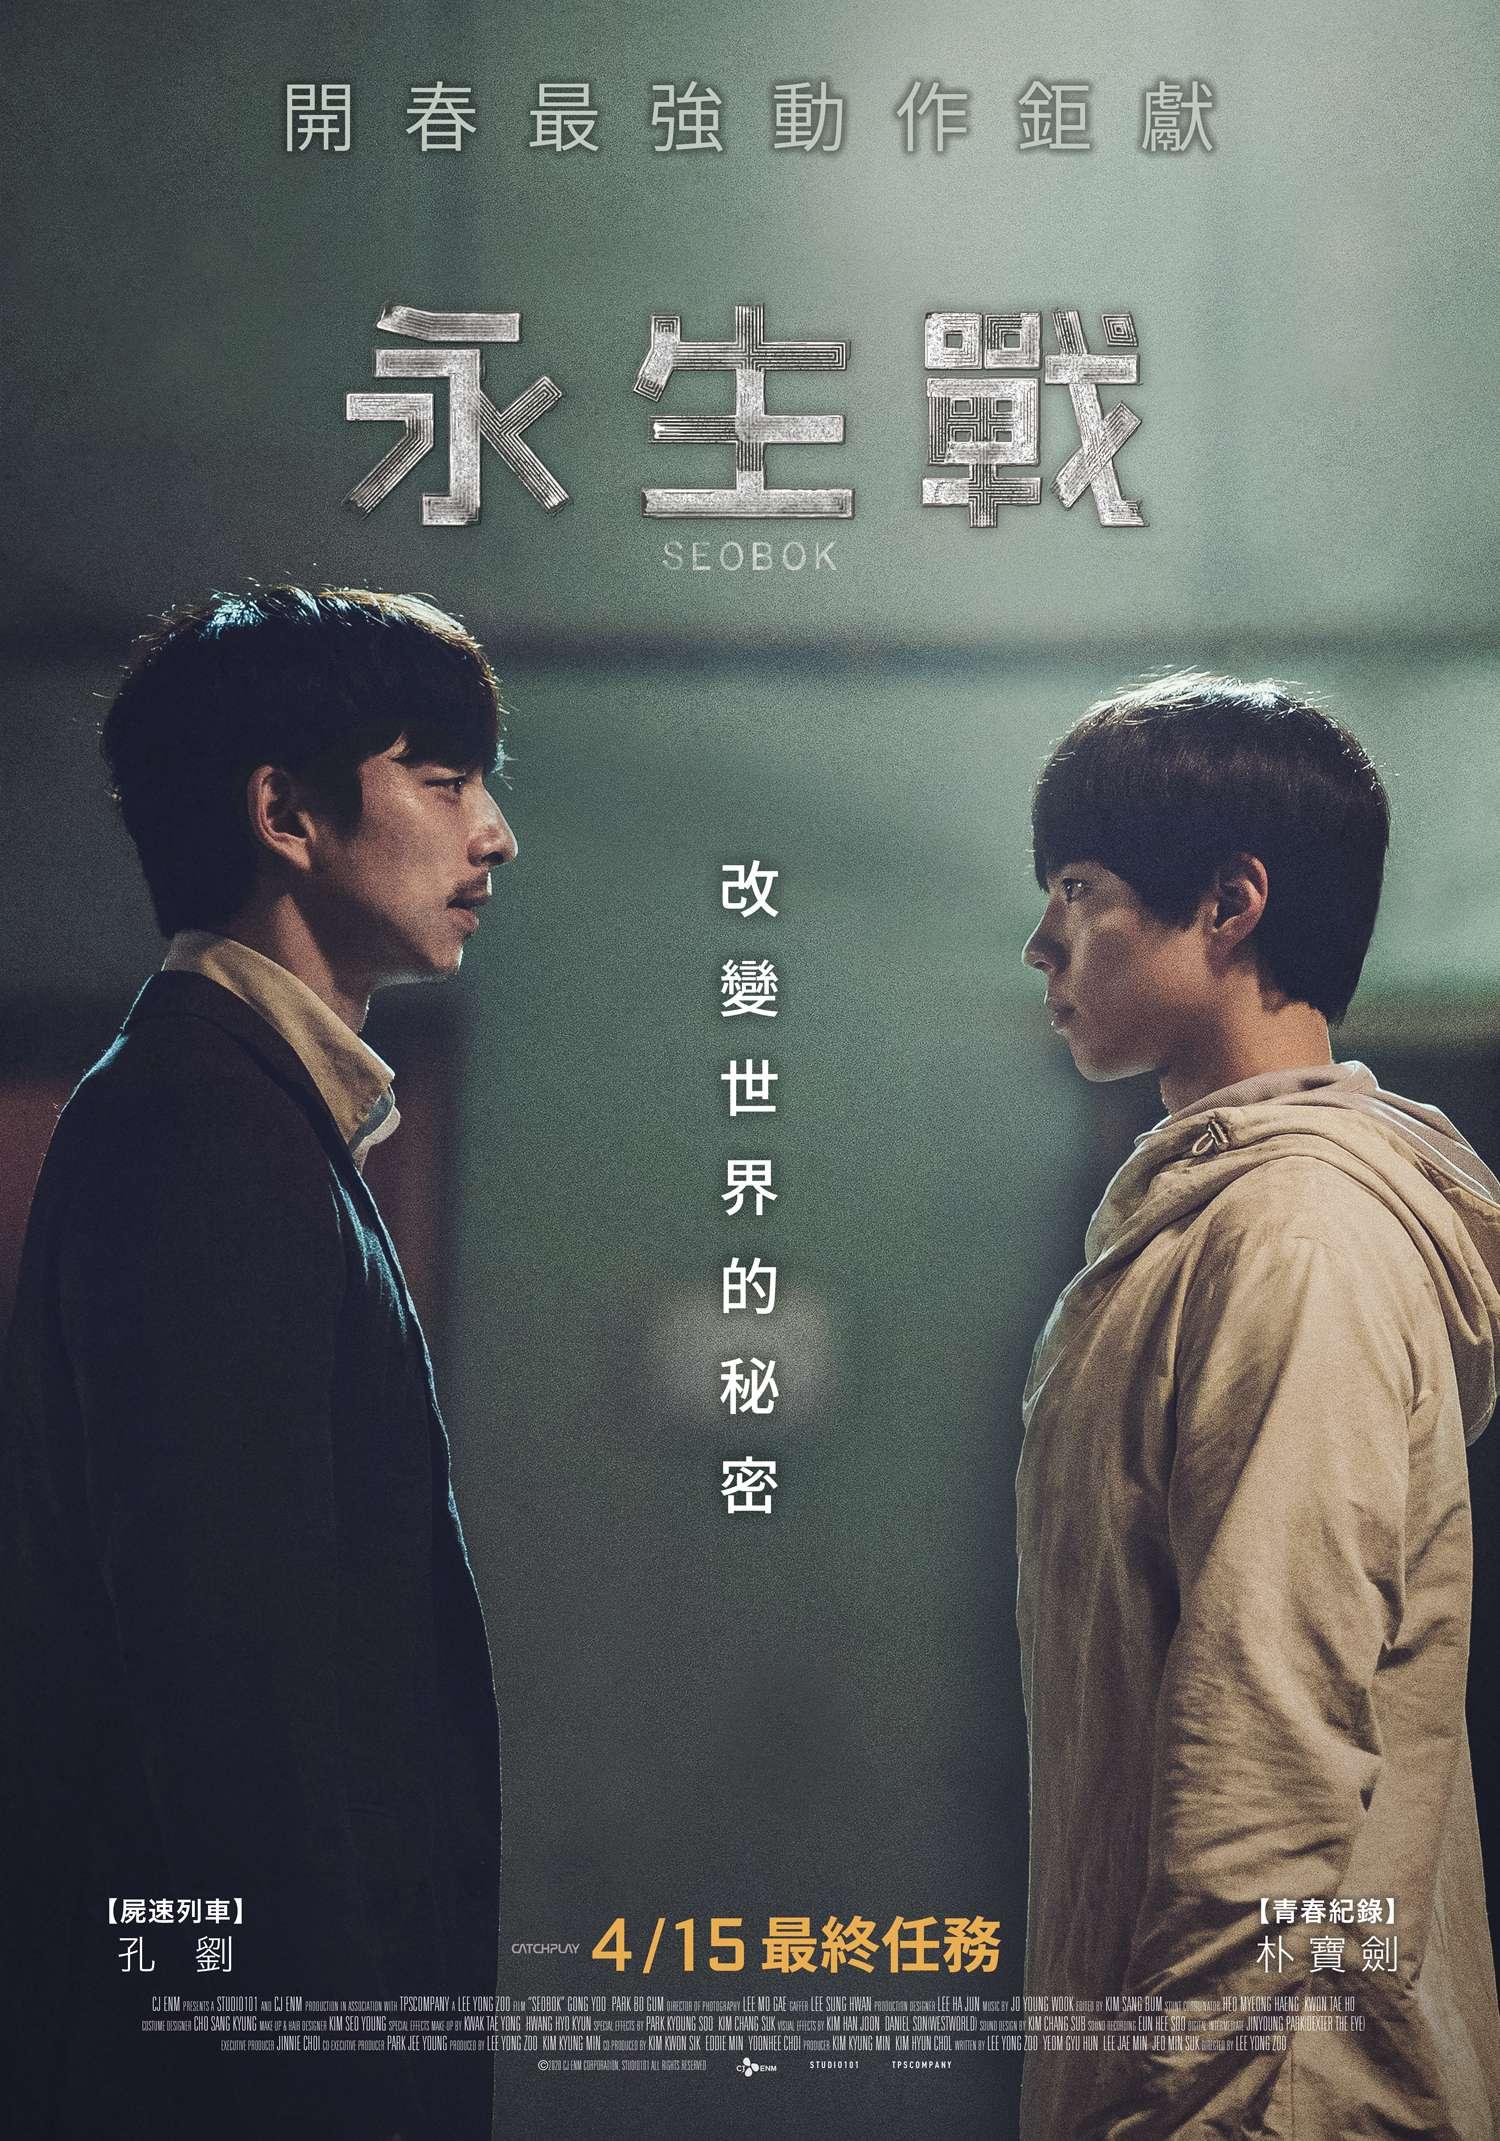 永生戰_Seobok_電影海報